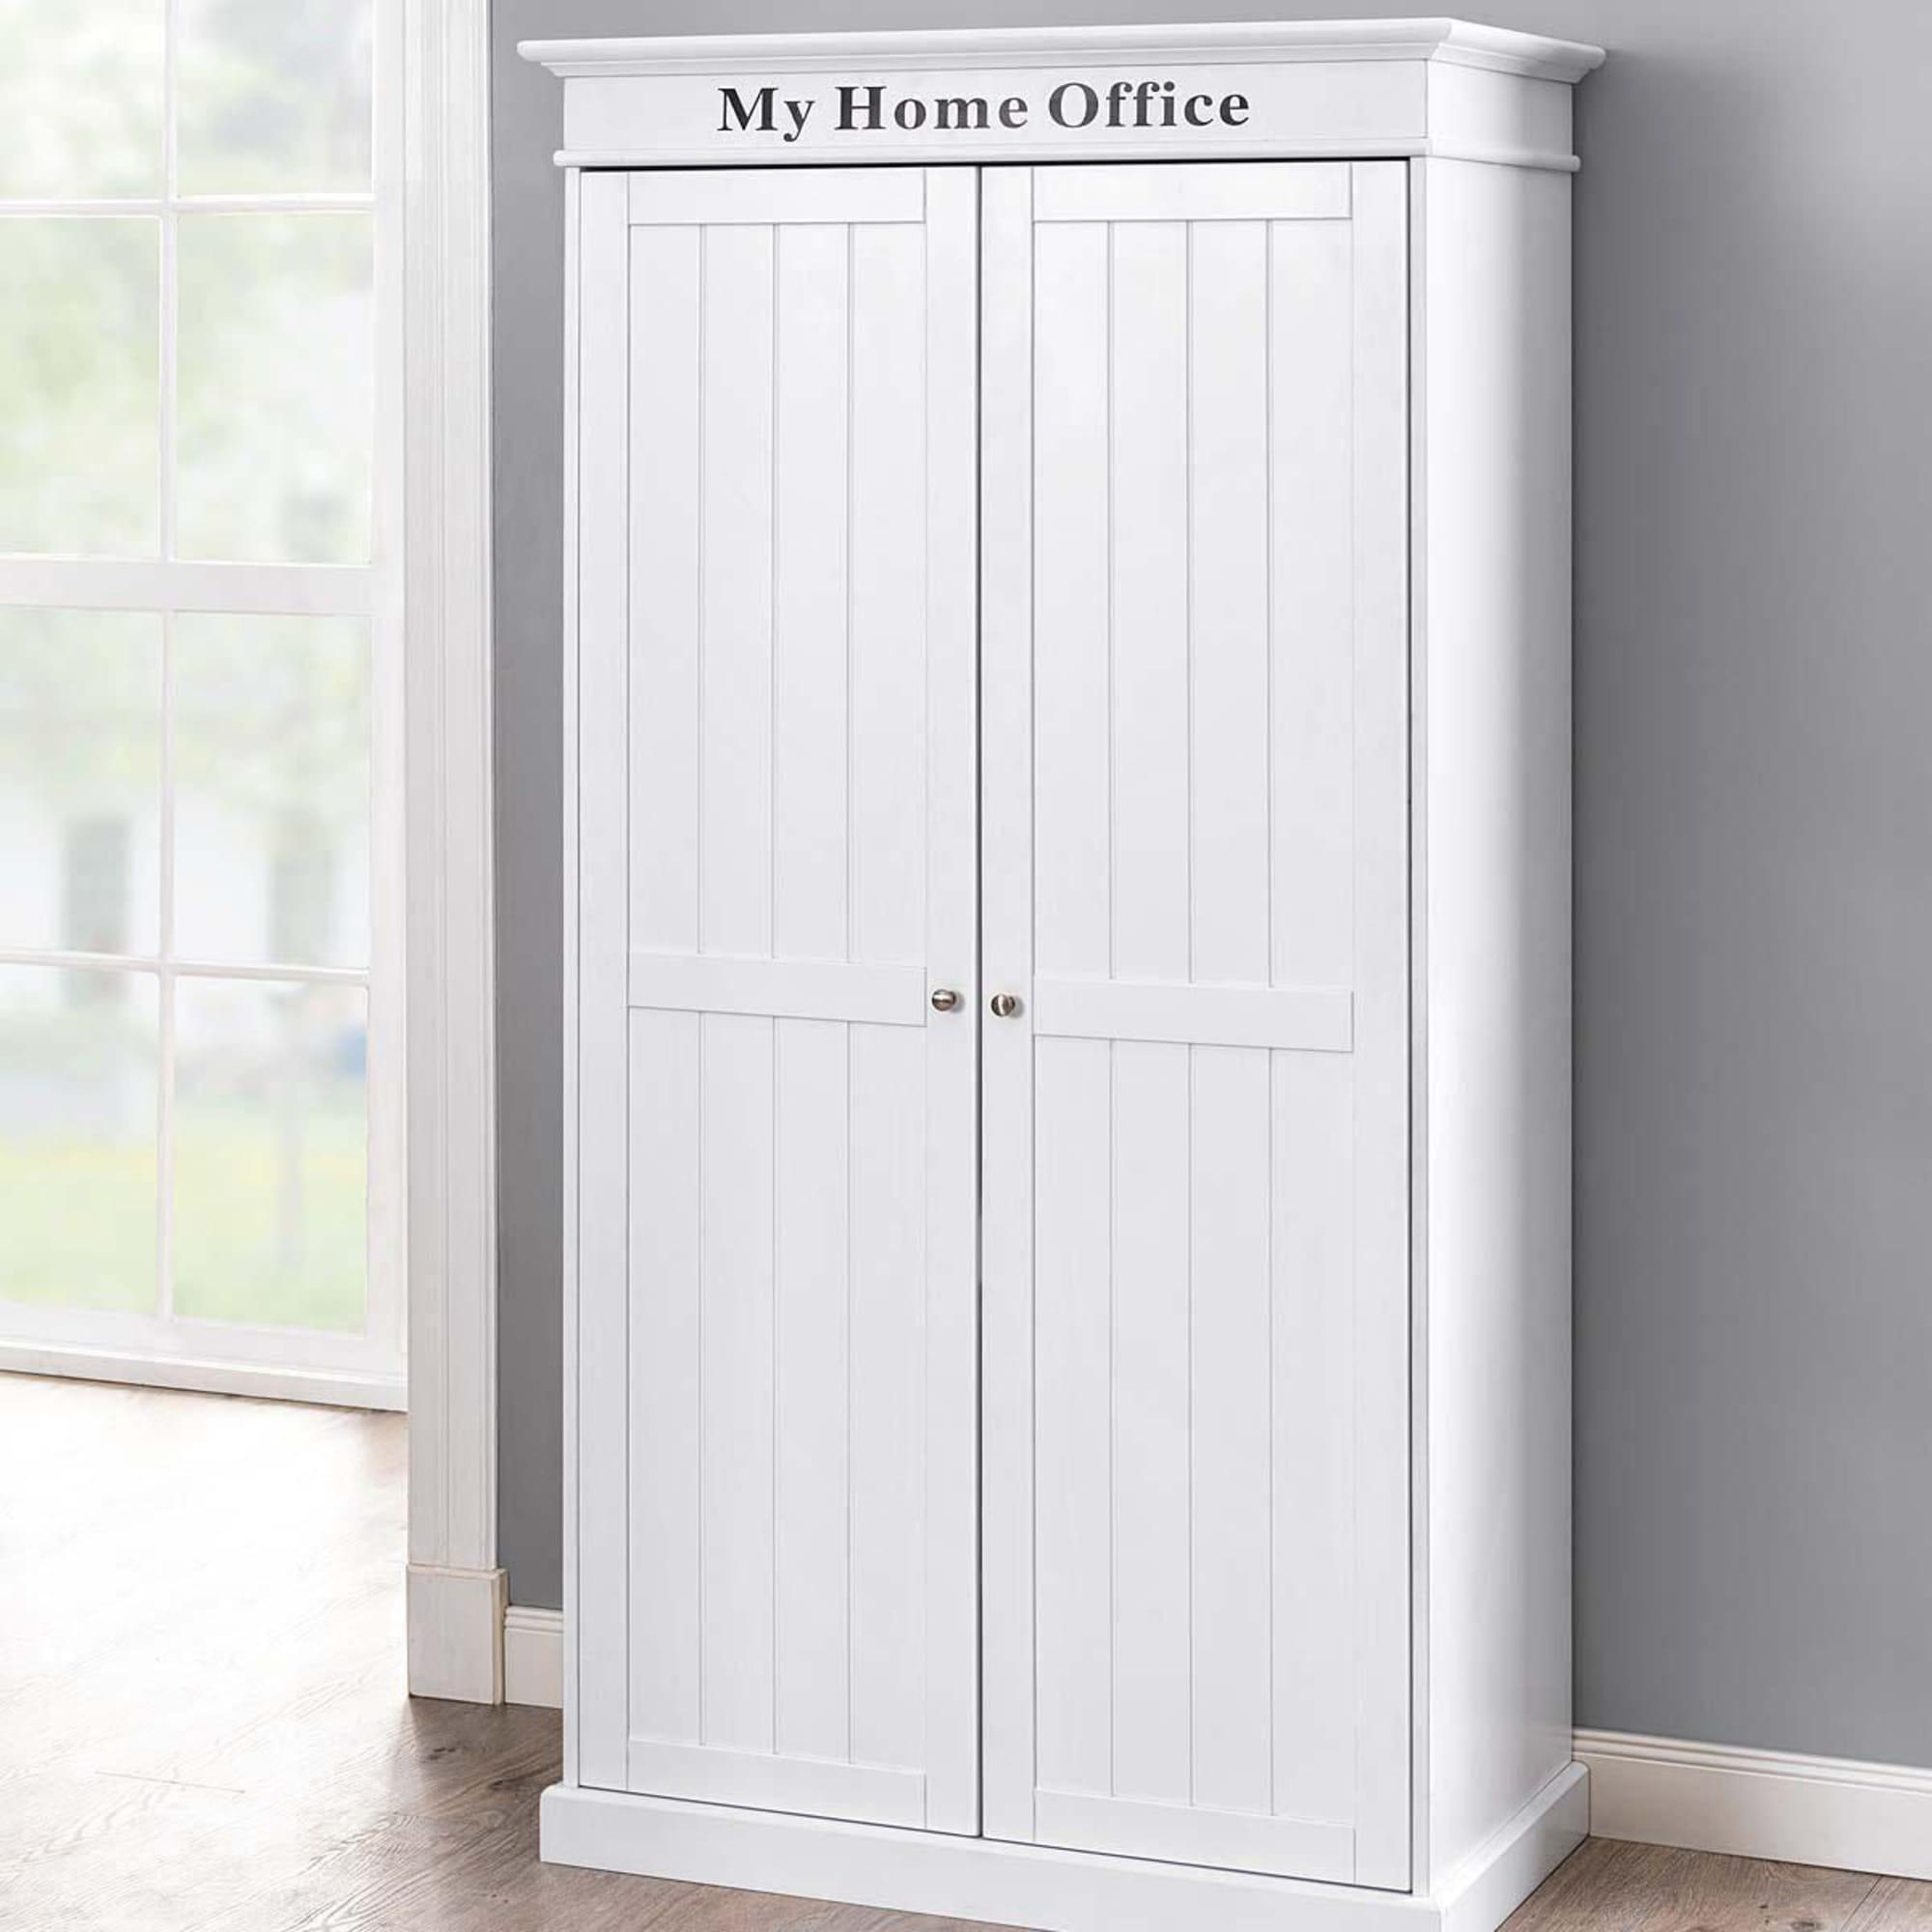 Schrank My Home Office, ausziehbare Arbeitsfläche